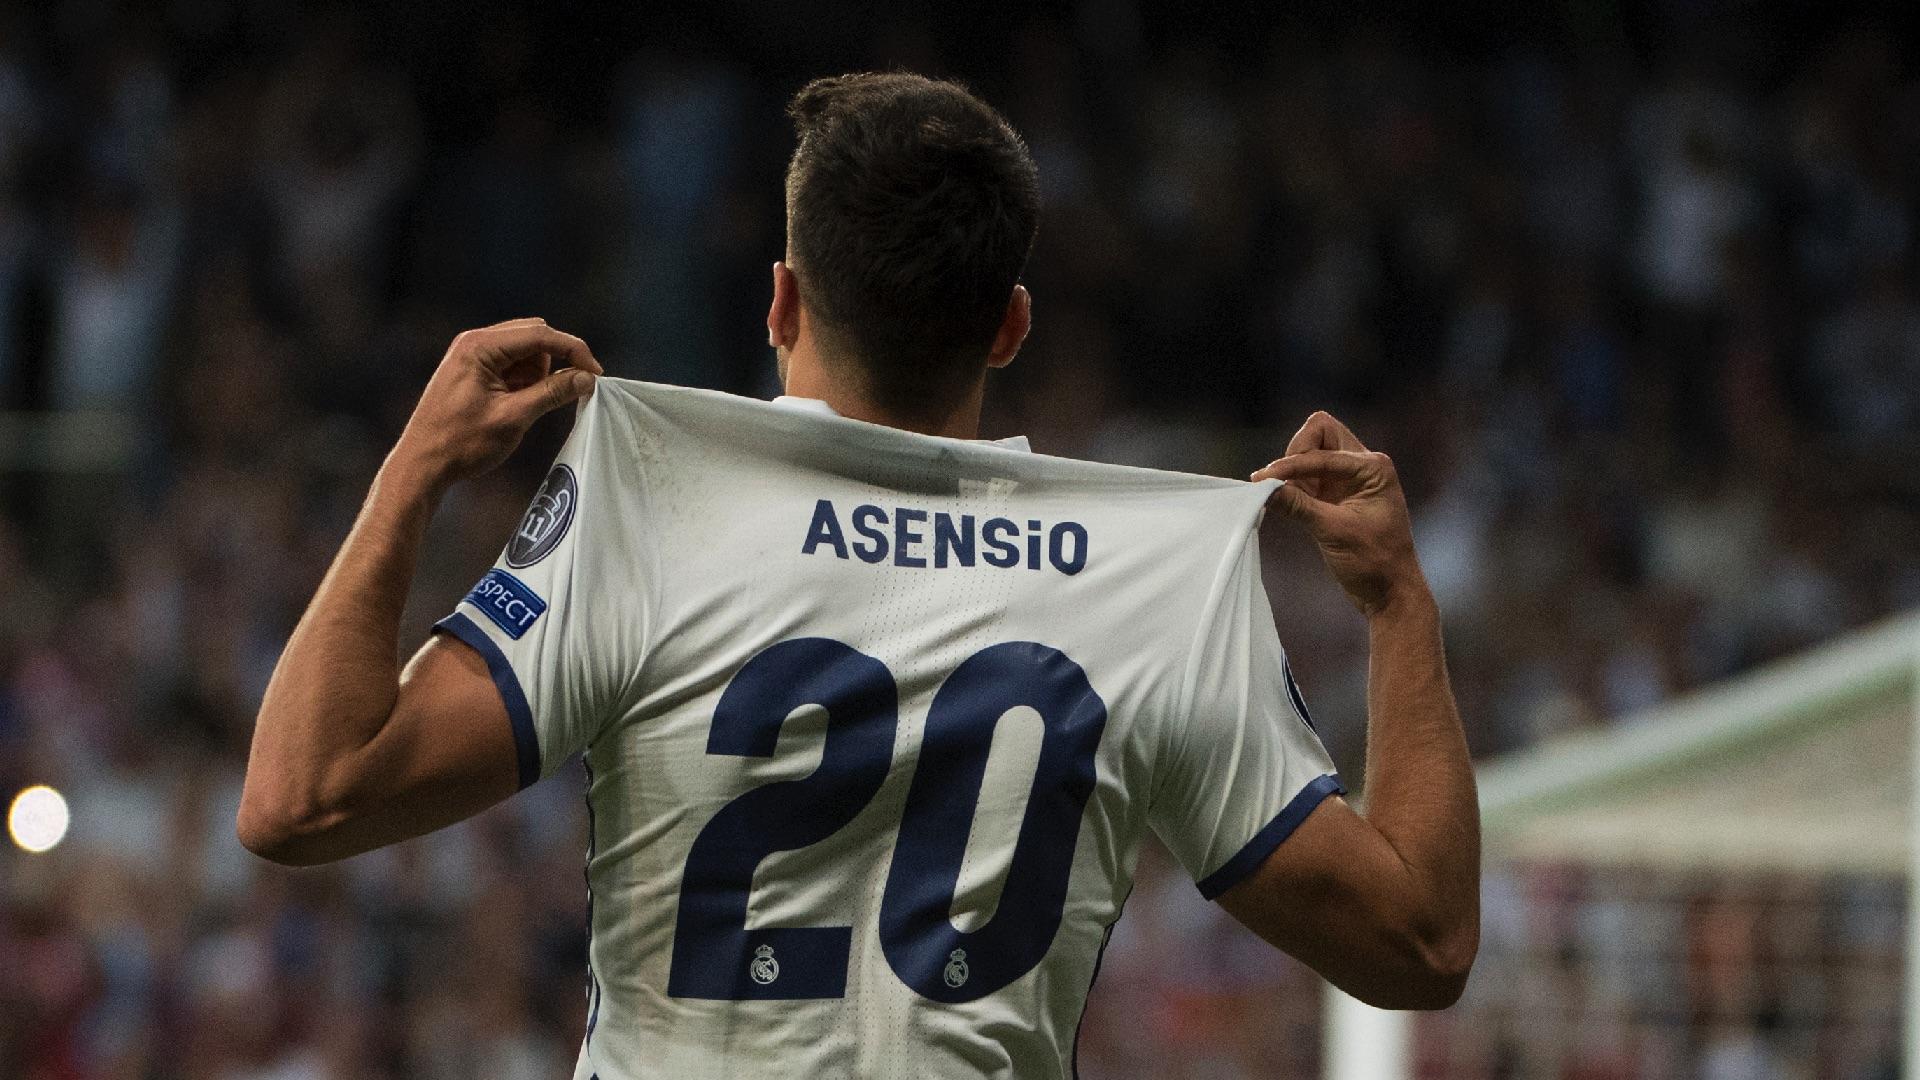 Quién es Marco Asensio  Datos que quizás desconoces del  20  del ... 2da61fcf85d42